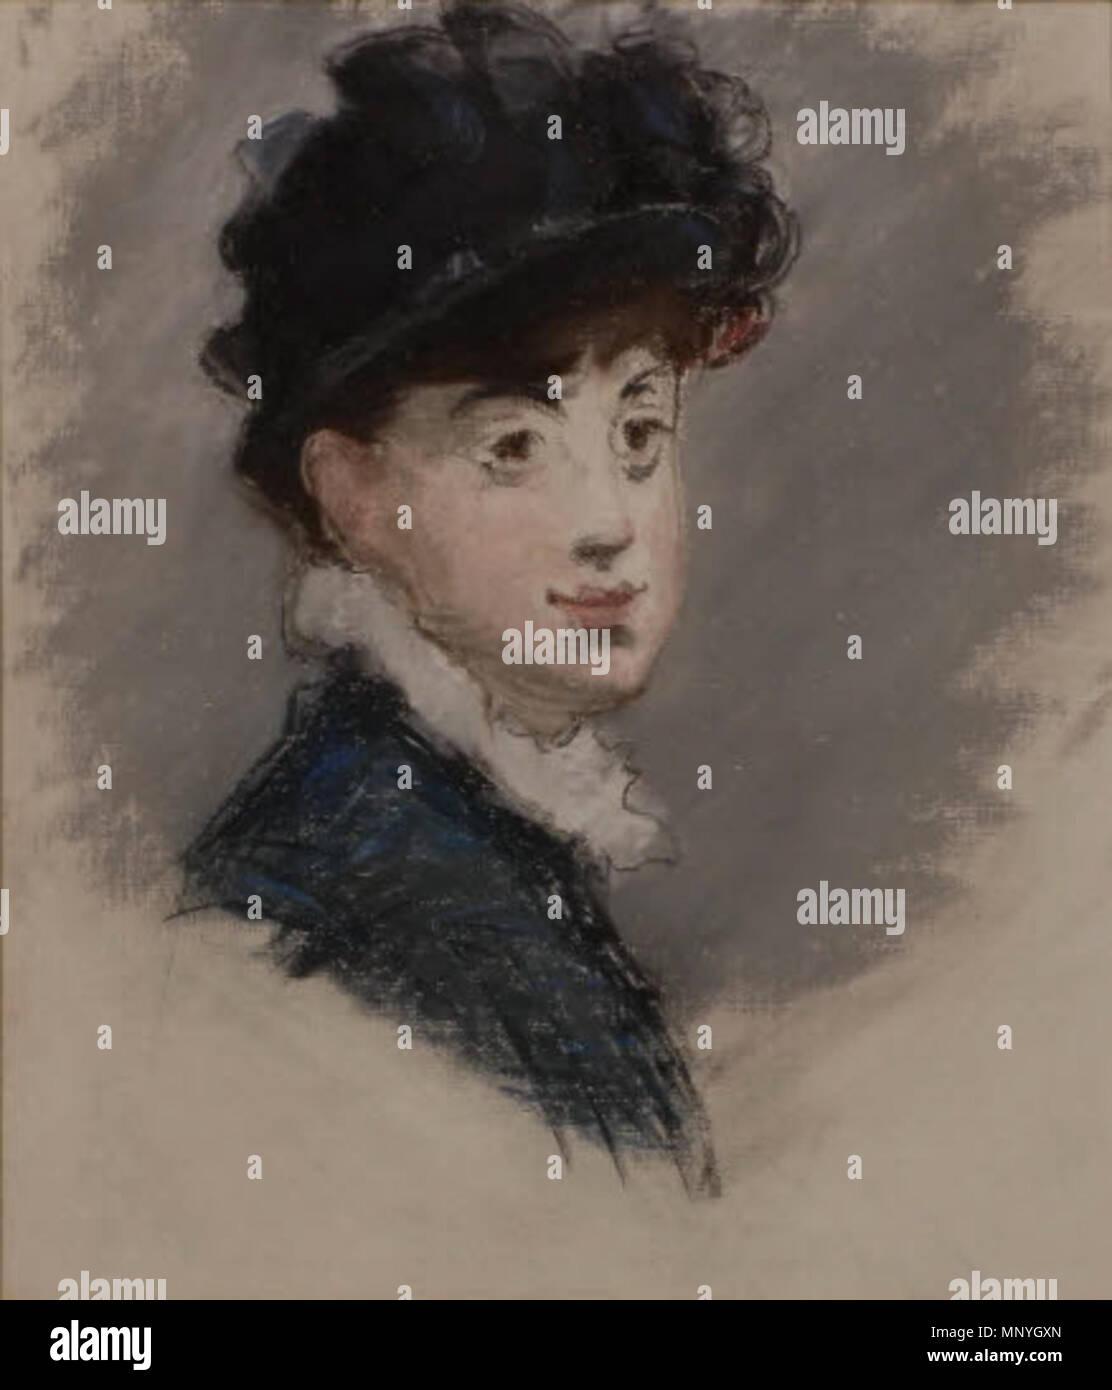 1289 Édouard Manet - Portrait de femme (RW II 87) - Stock Image